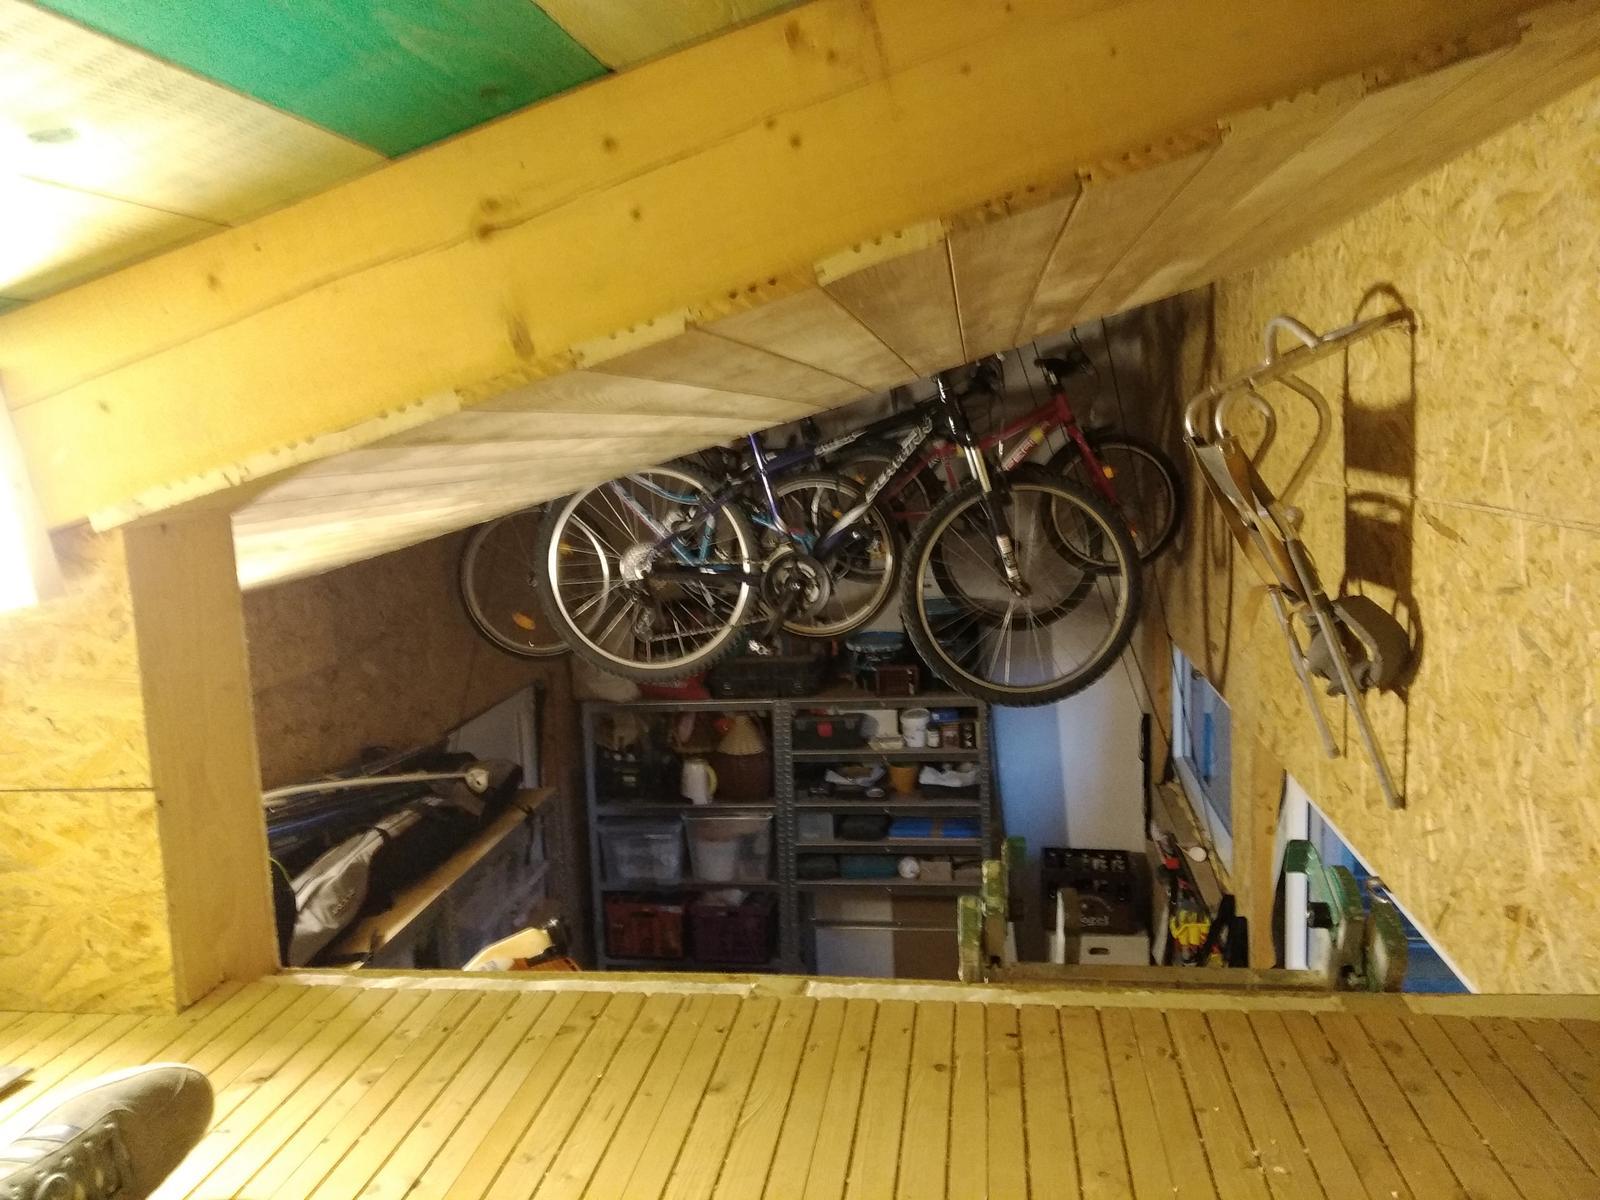 Dodělávky - úložné prostory, hlavně že kola nezavazejí